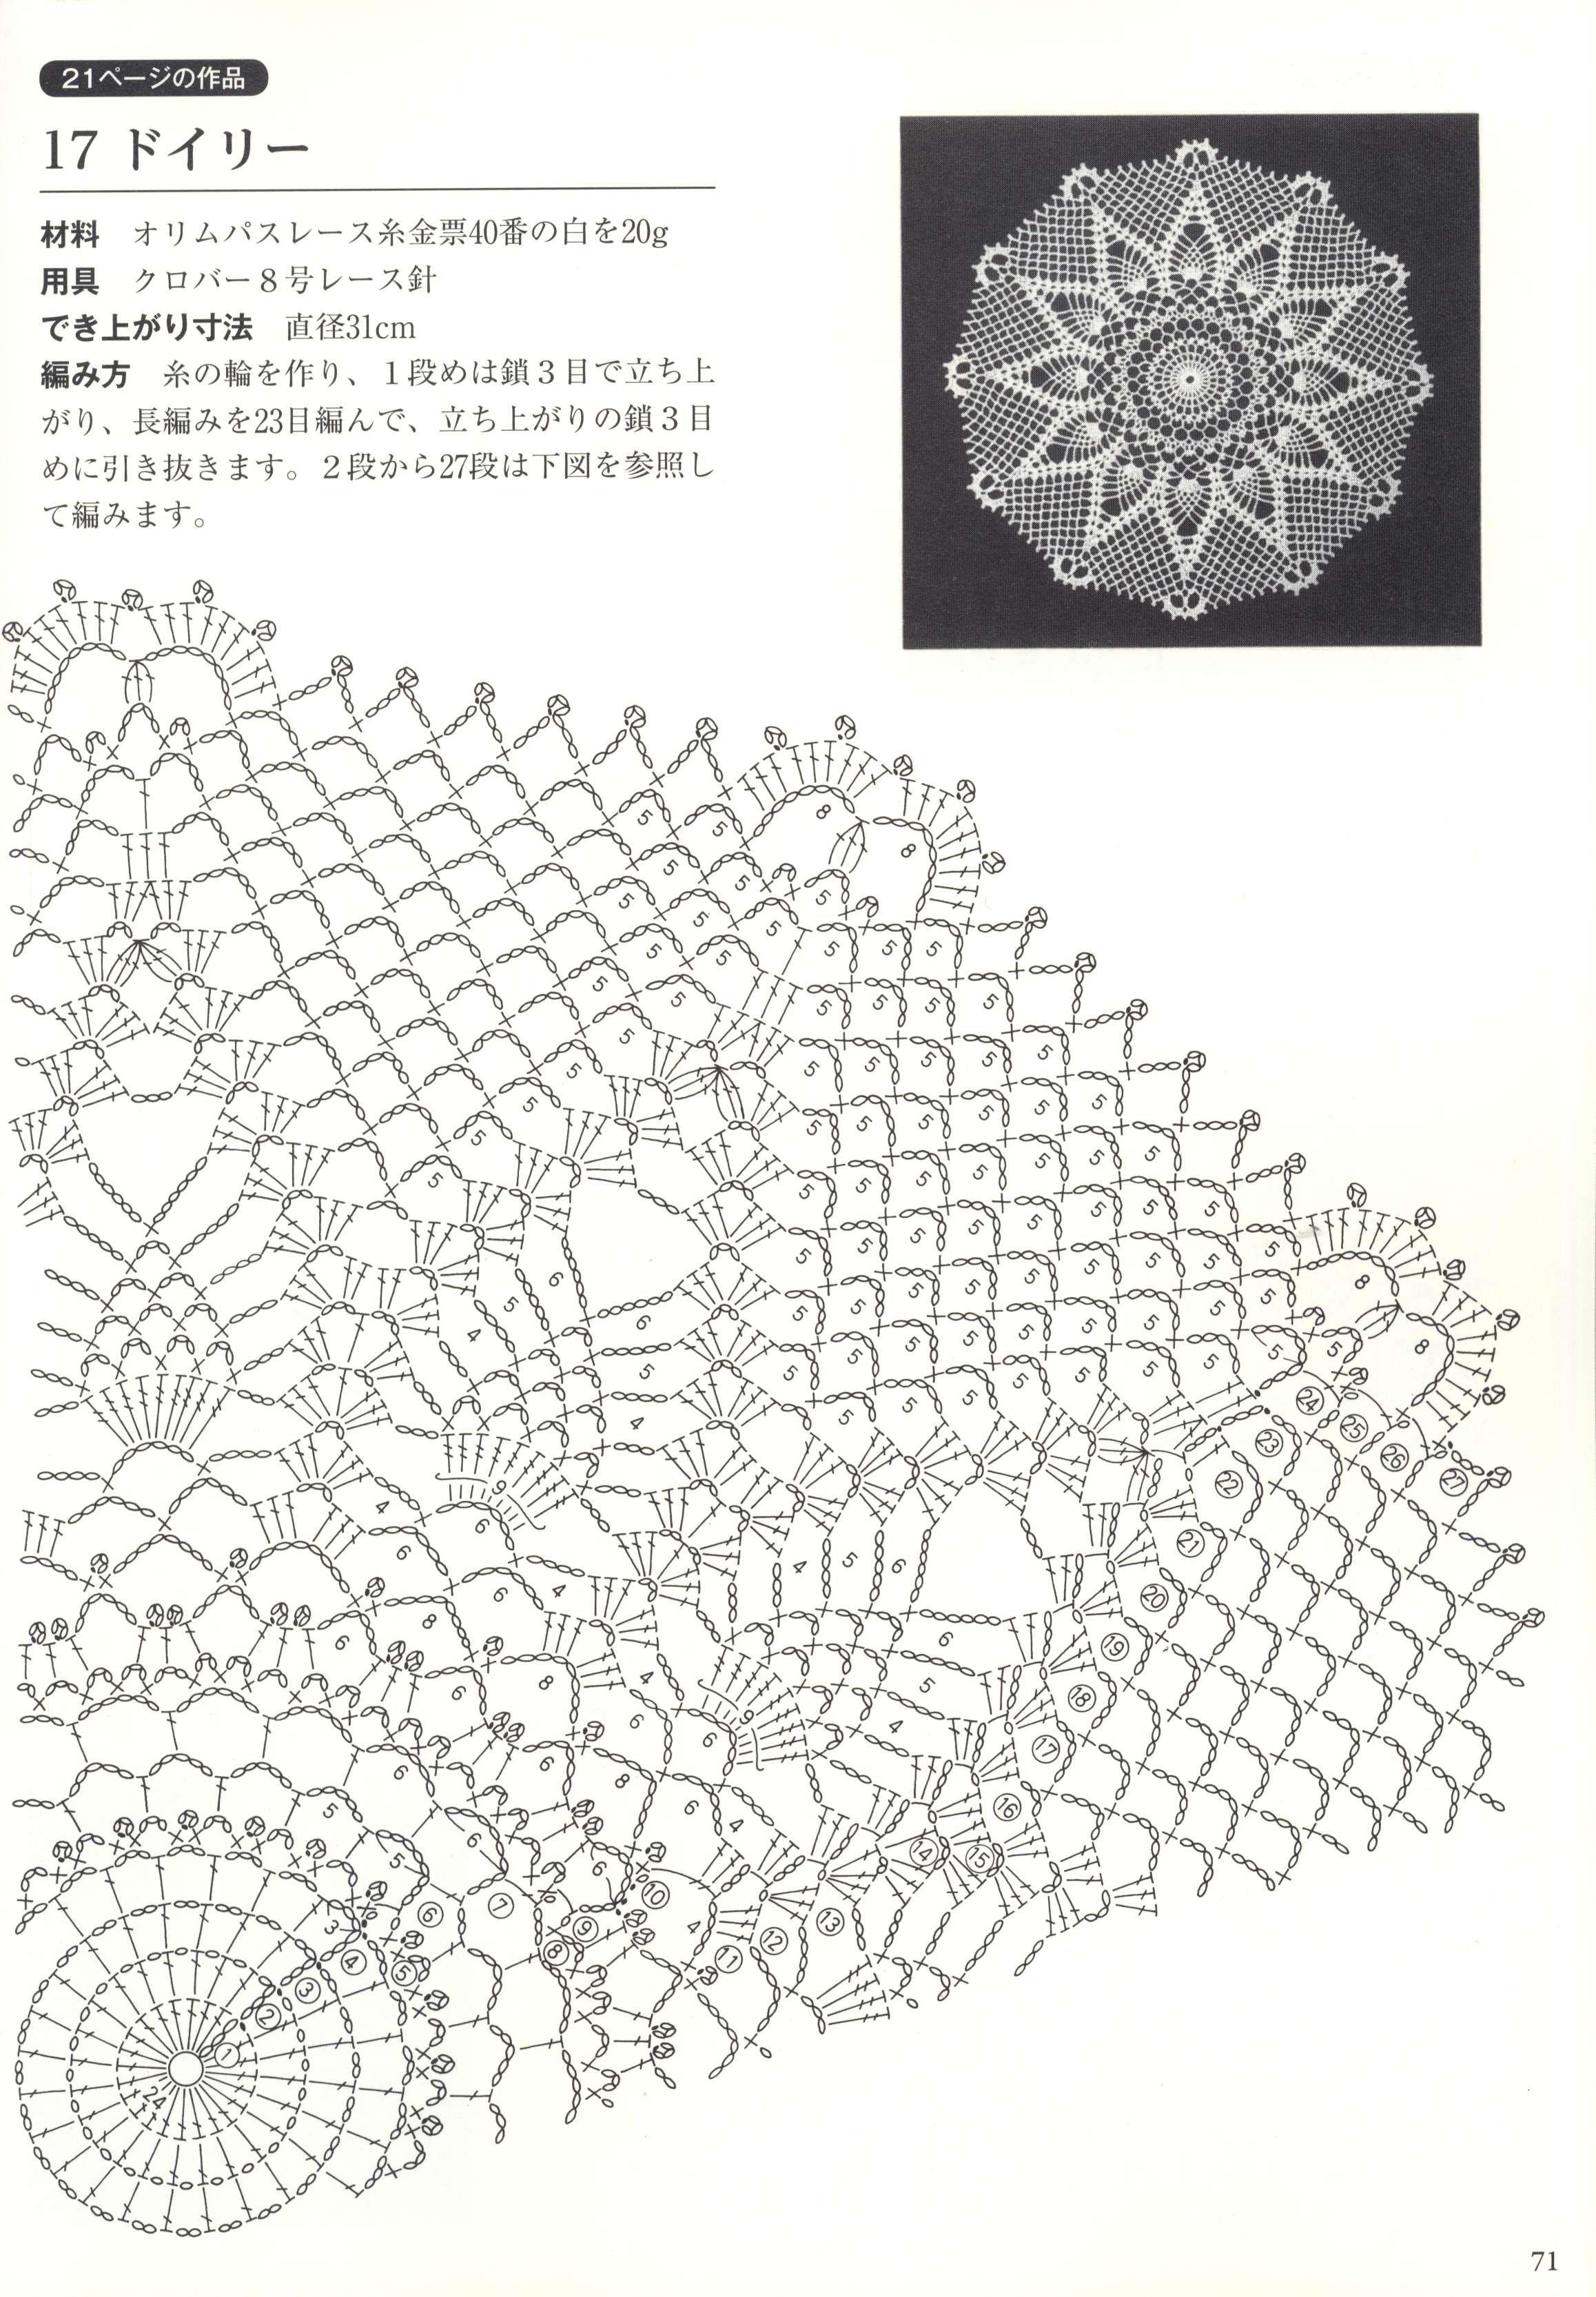 pineapple crochet doily diagram holden vt wiring vs modore dynantefo 00069 jpg my favorite hobby pinterest